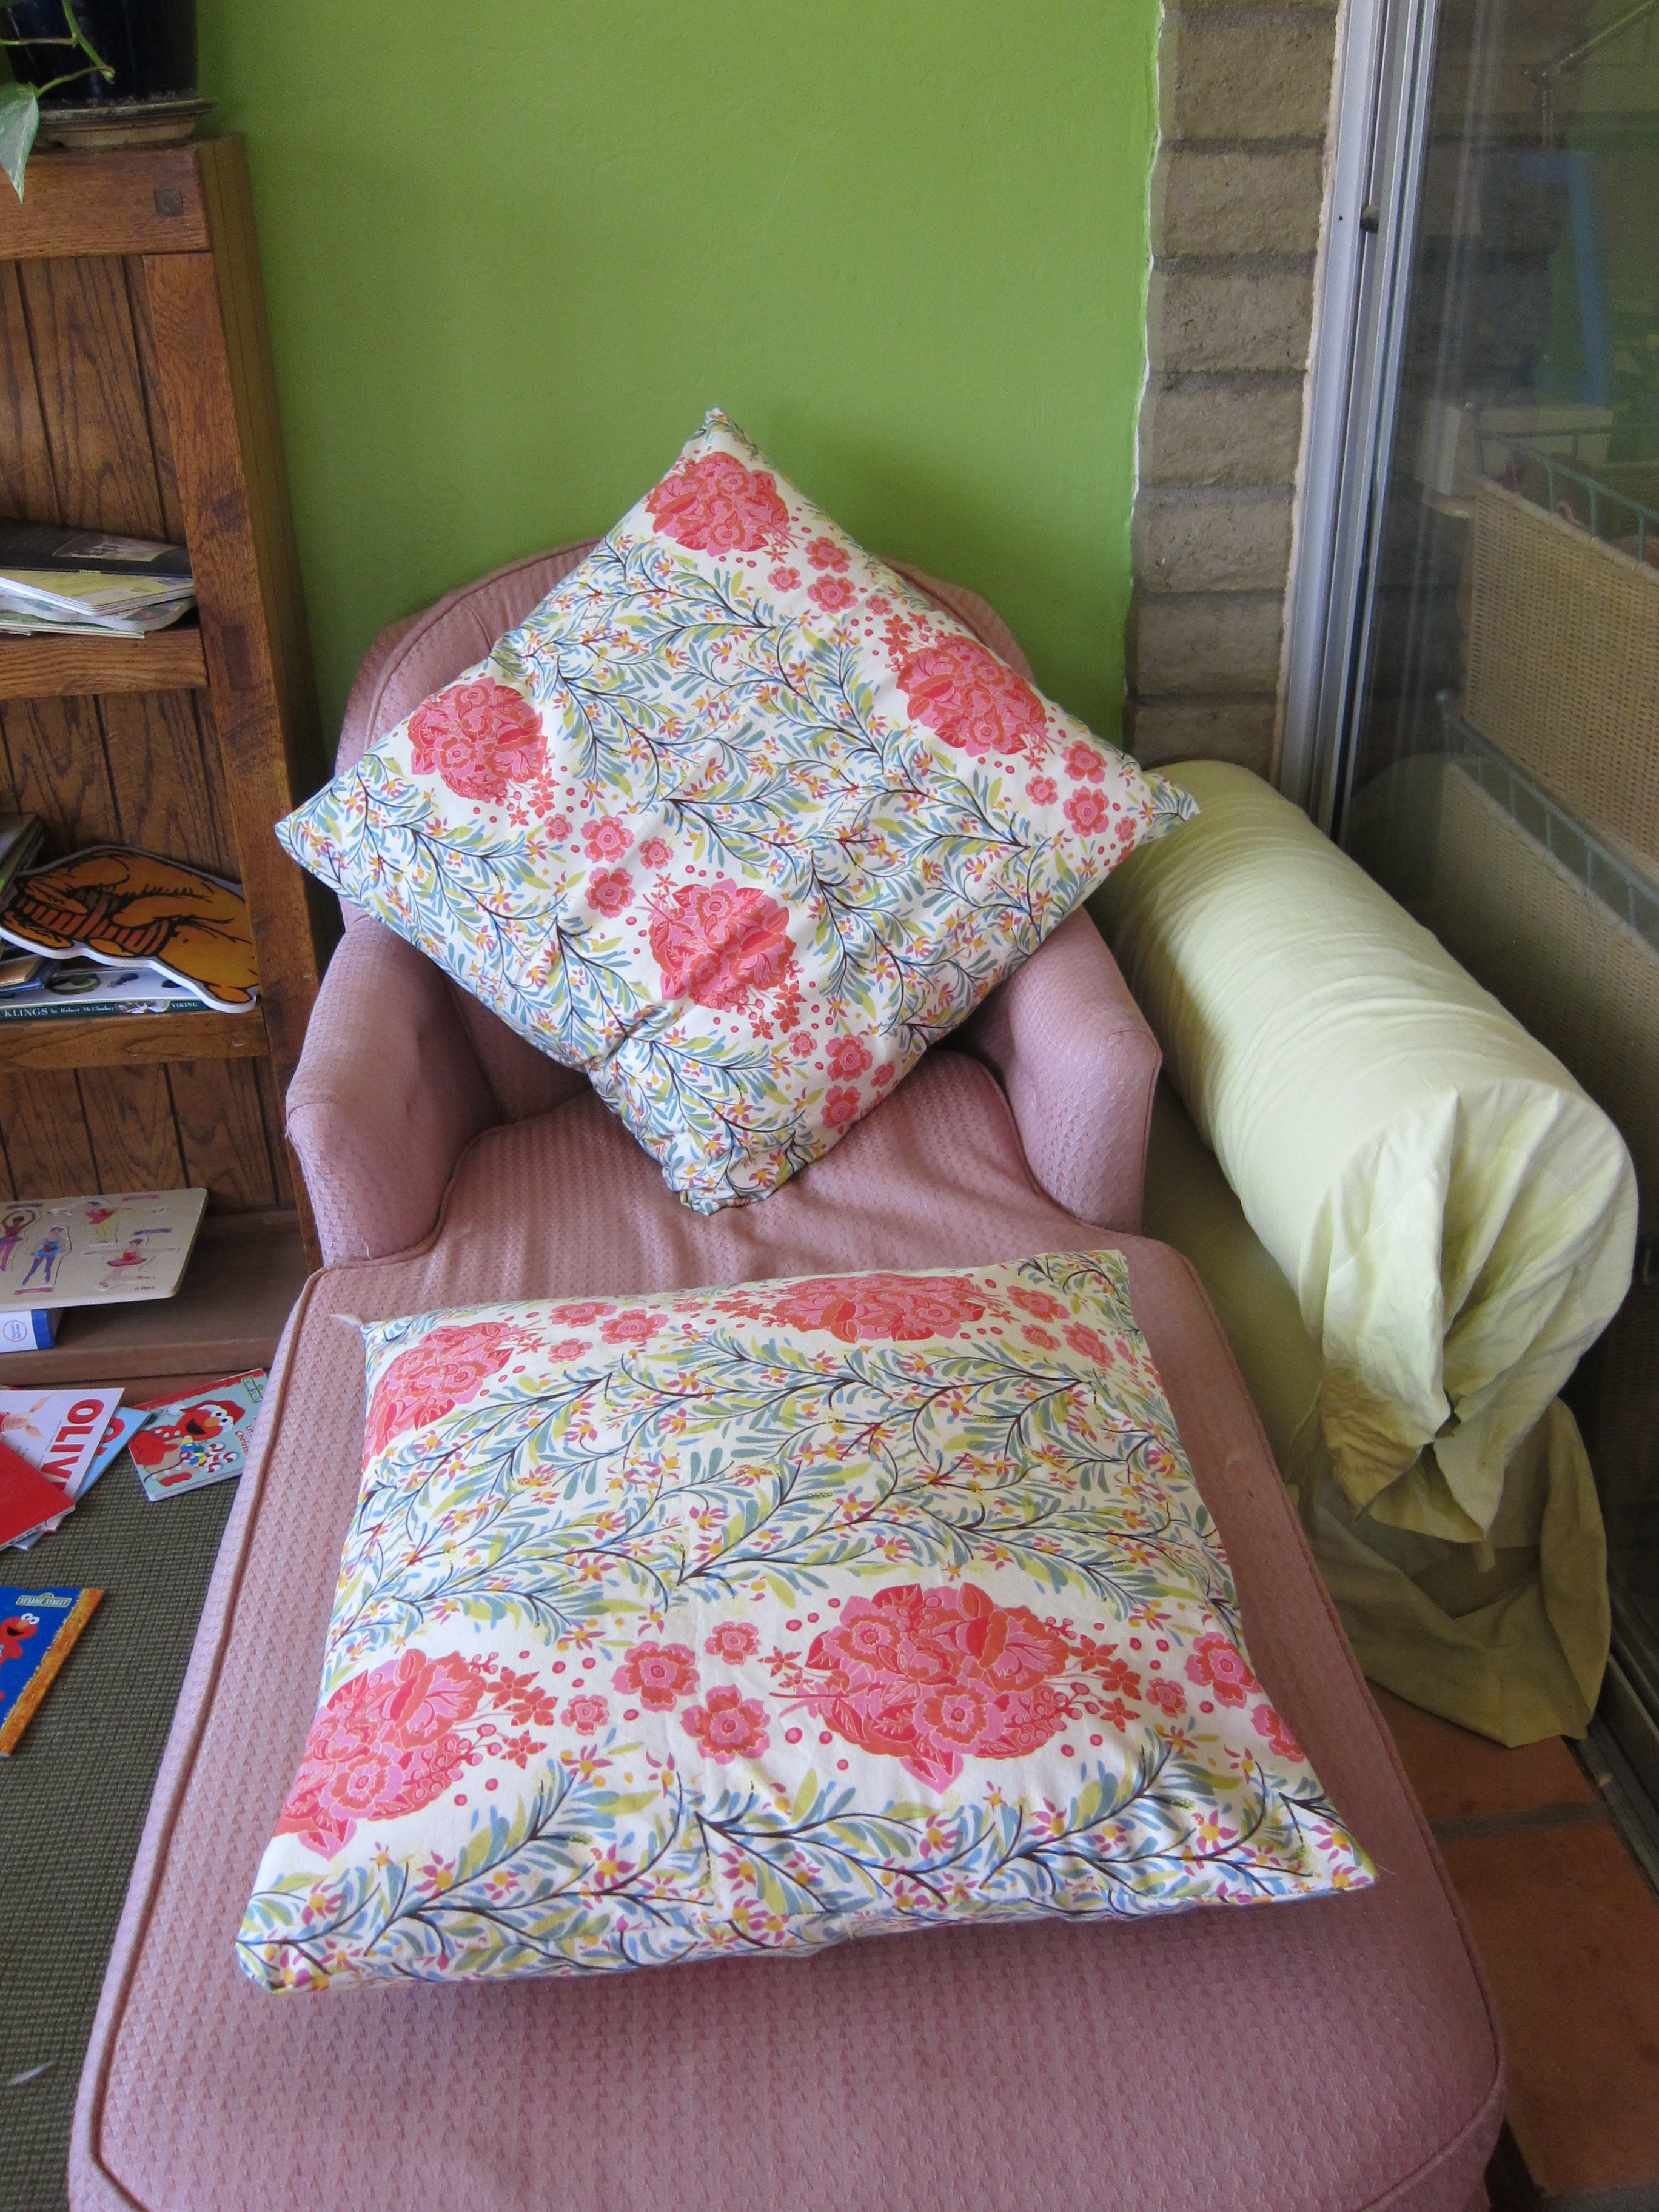 Make Wicker Chair Cushions Pillows